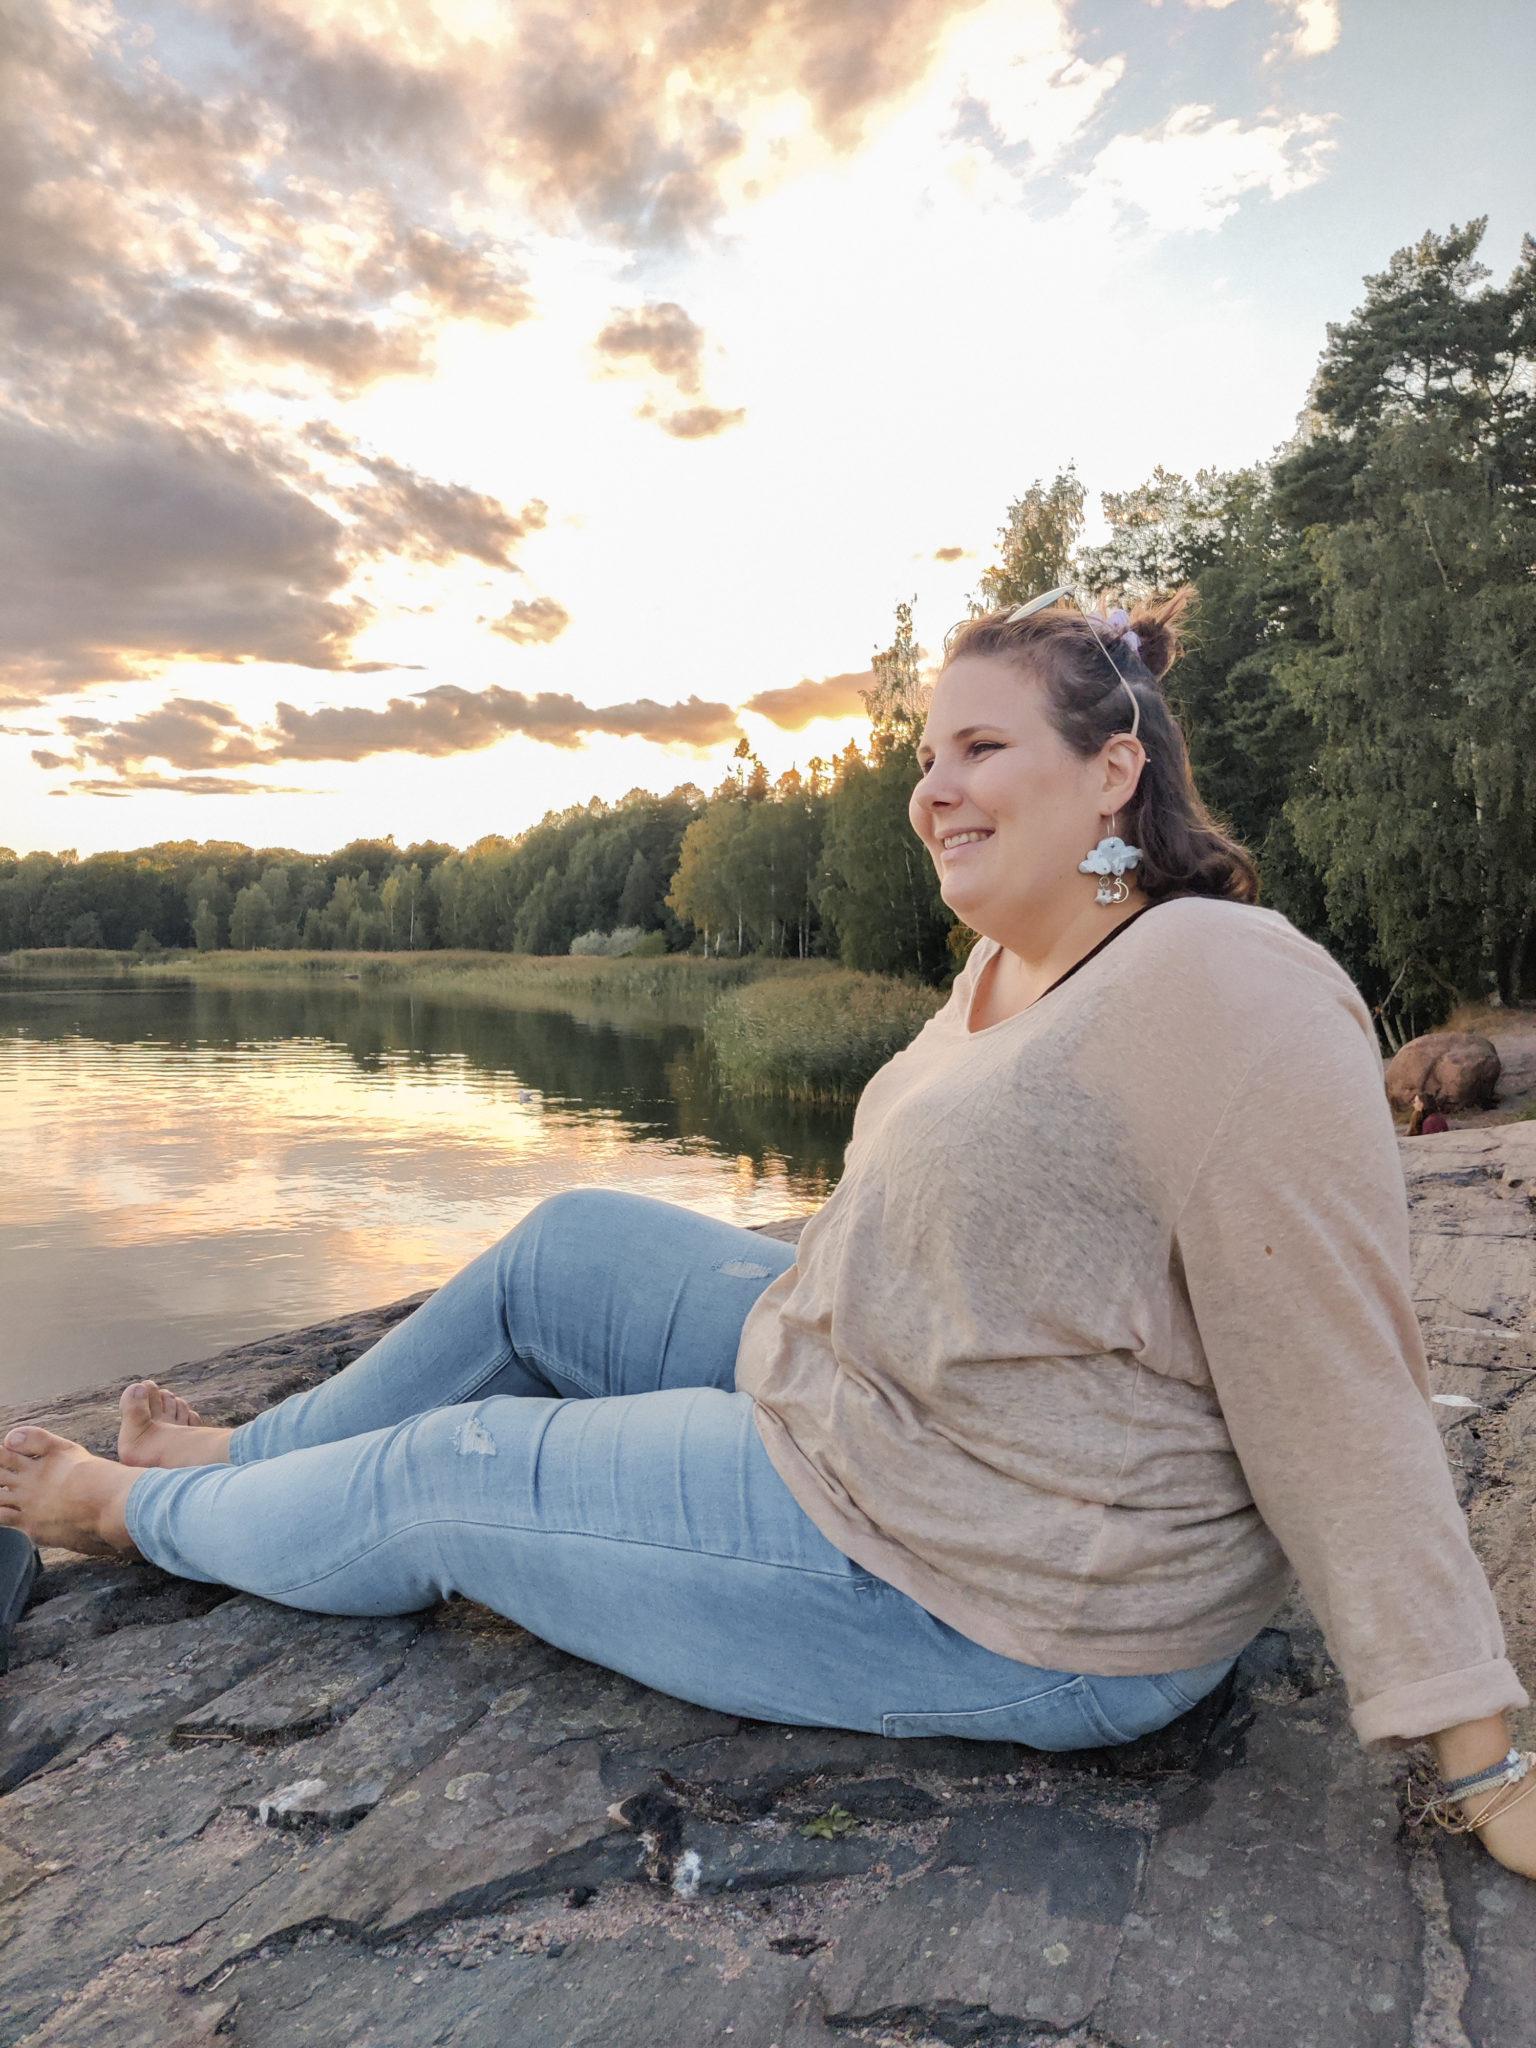 Sinkkuus - Sinkkuuden huonot puolet - BMH - Big mamas home by Jenni